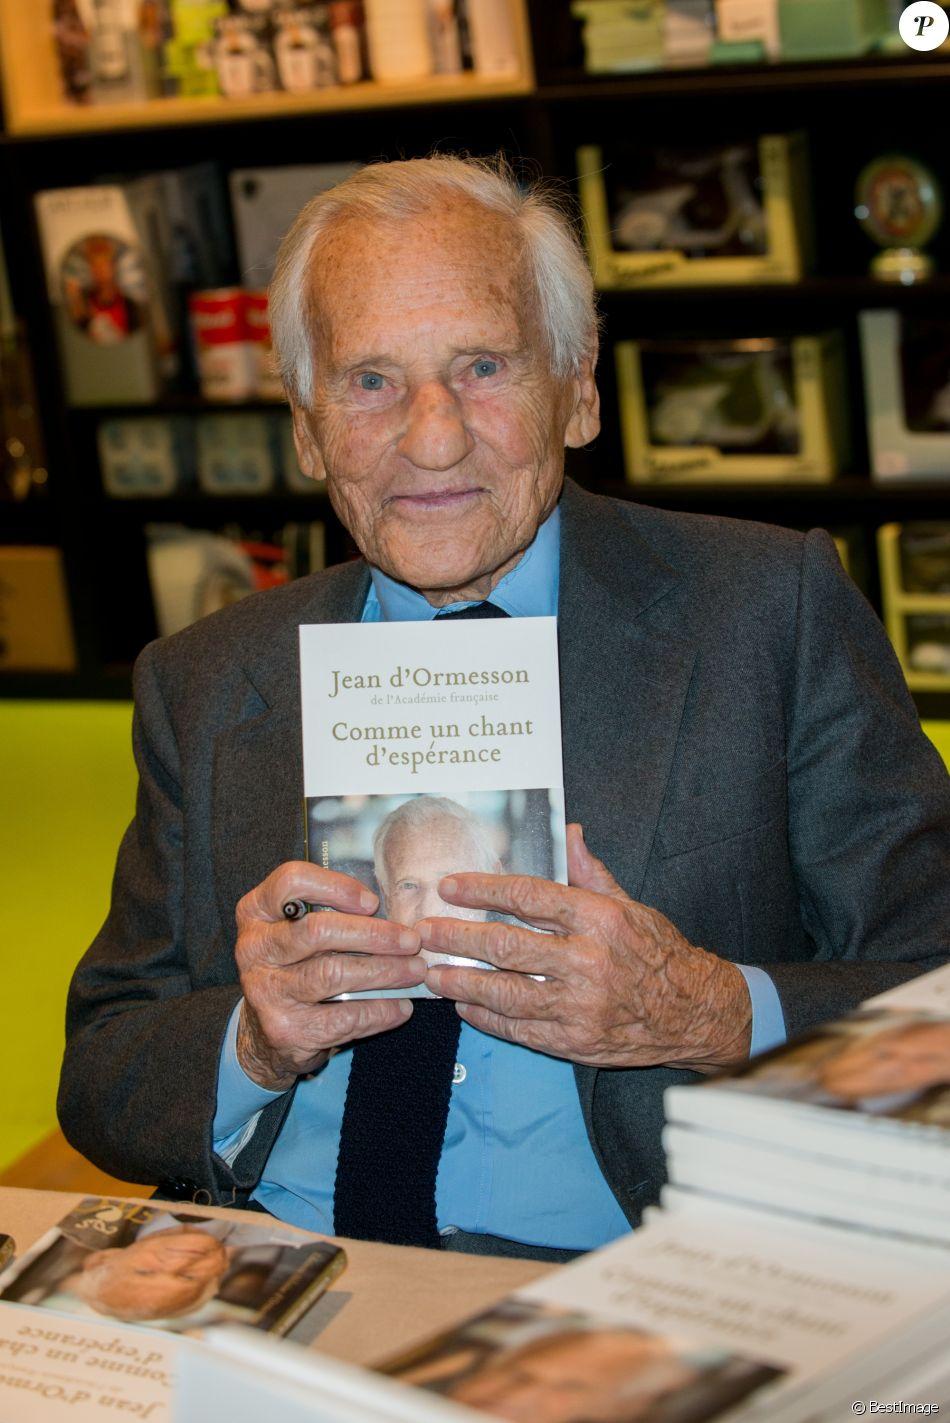 """Exclusif - Jean d'Ormesson était présent à Bruxelles pour la présentation de son nouveau livre """"Comme un chant d'espérance"""". Après une courte intervieuw, il a rencontré de nombreux lecteurs pour des dédicaces. Le 27 novembre 2014, Bruxelles."""